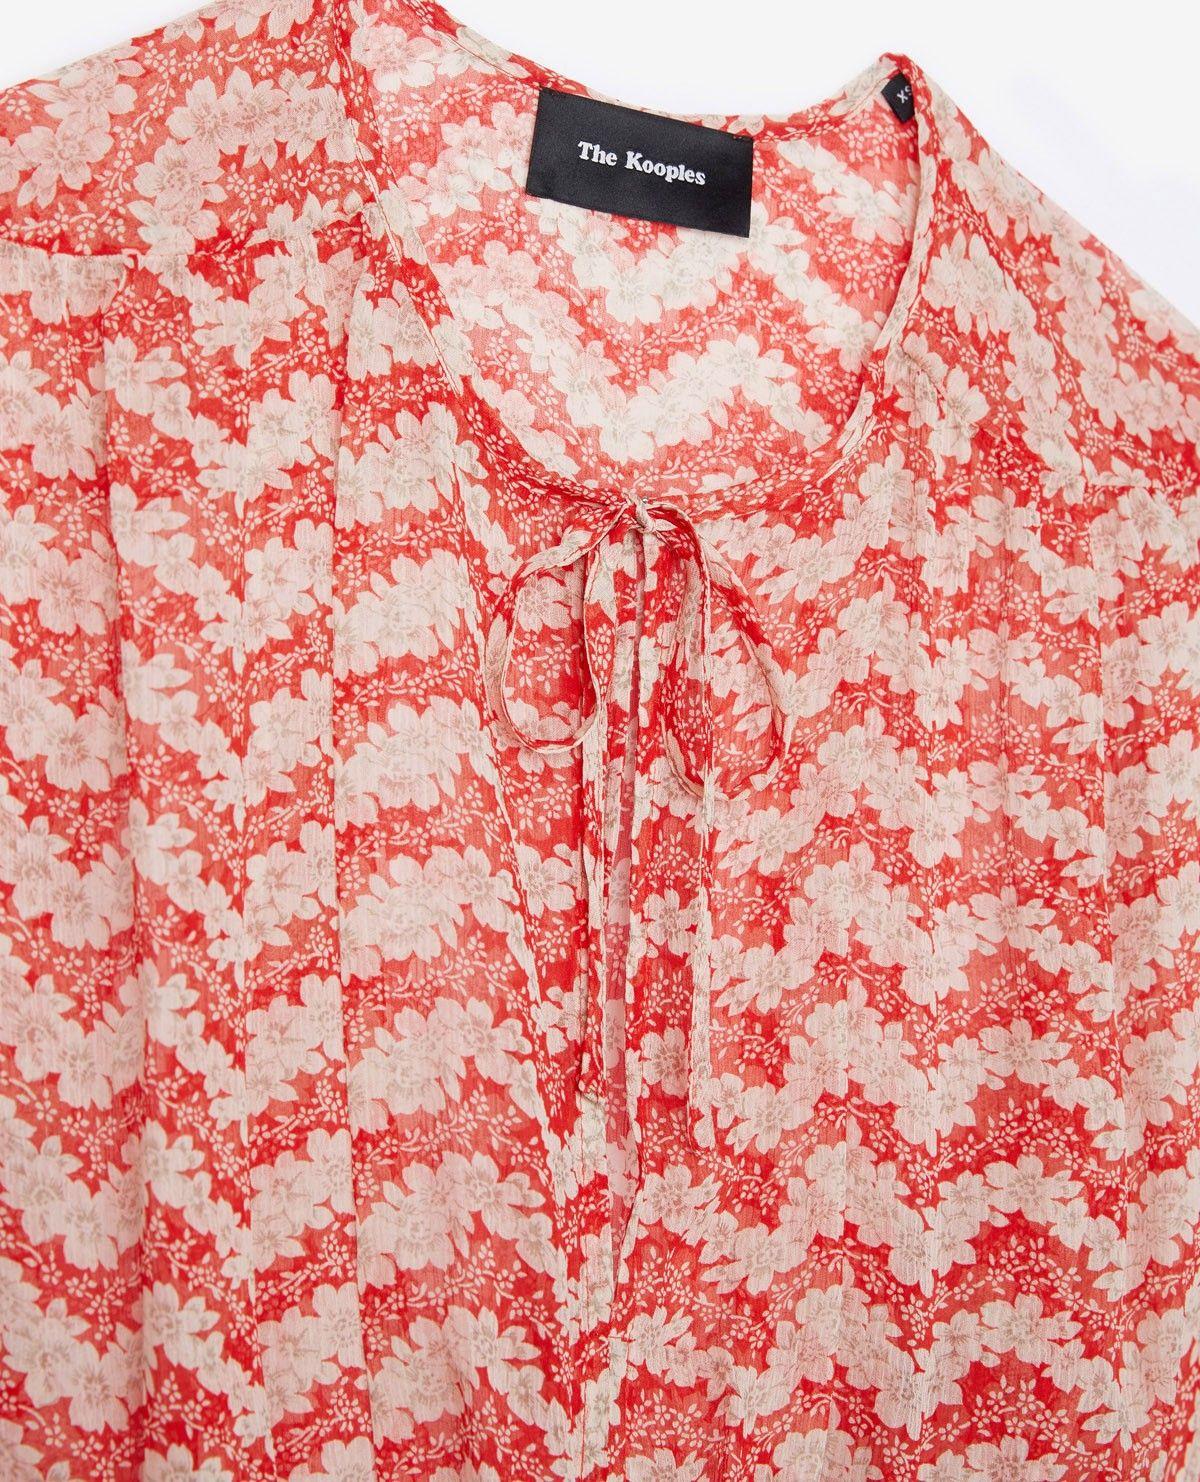 da224858fa5 THE KOOPLES - Long Red Jasmine print silk dress | I'm a fan of ...